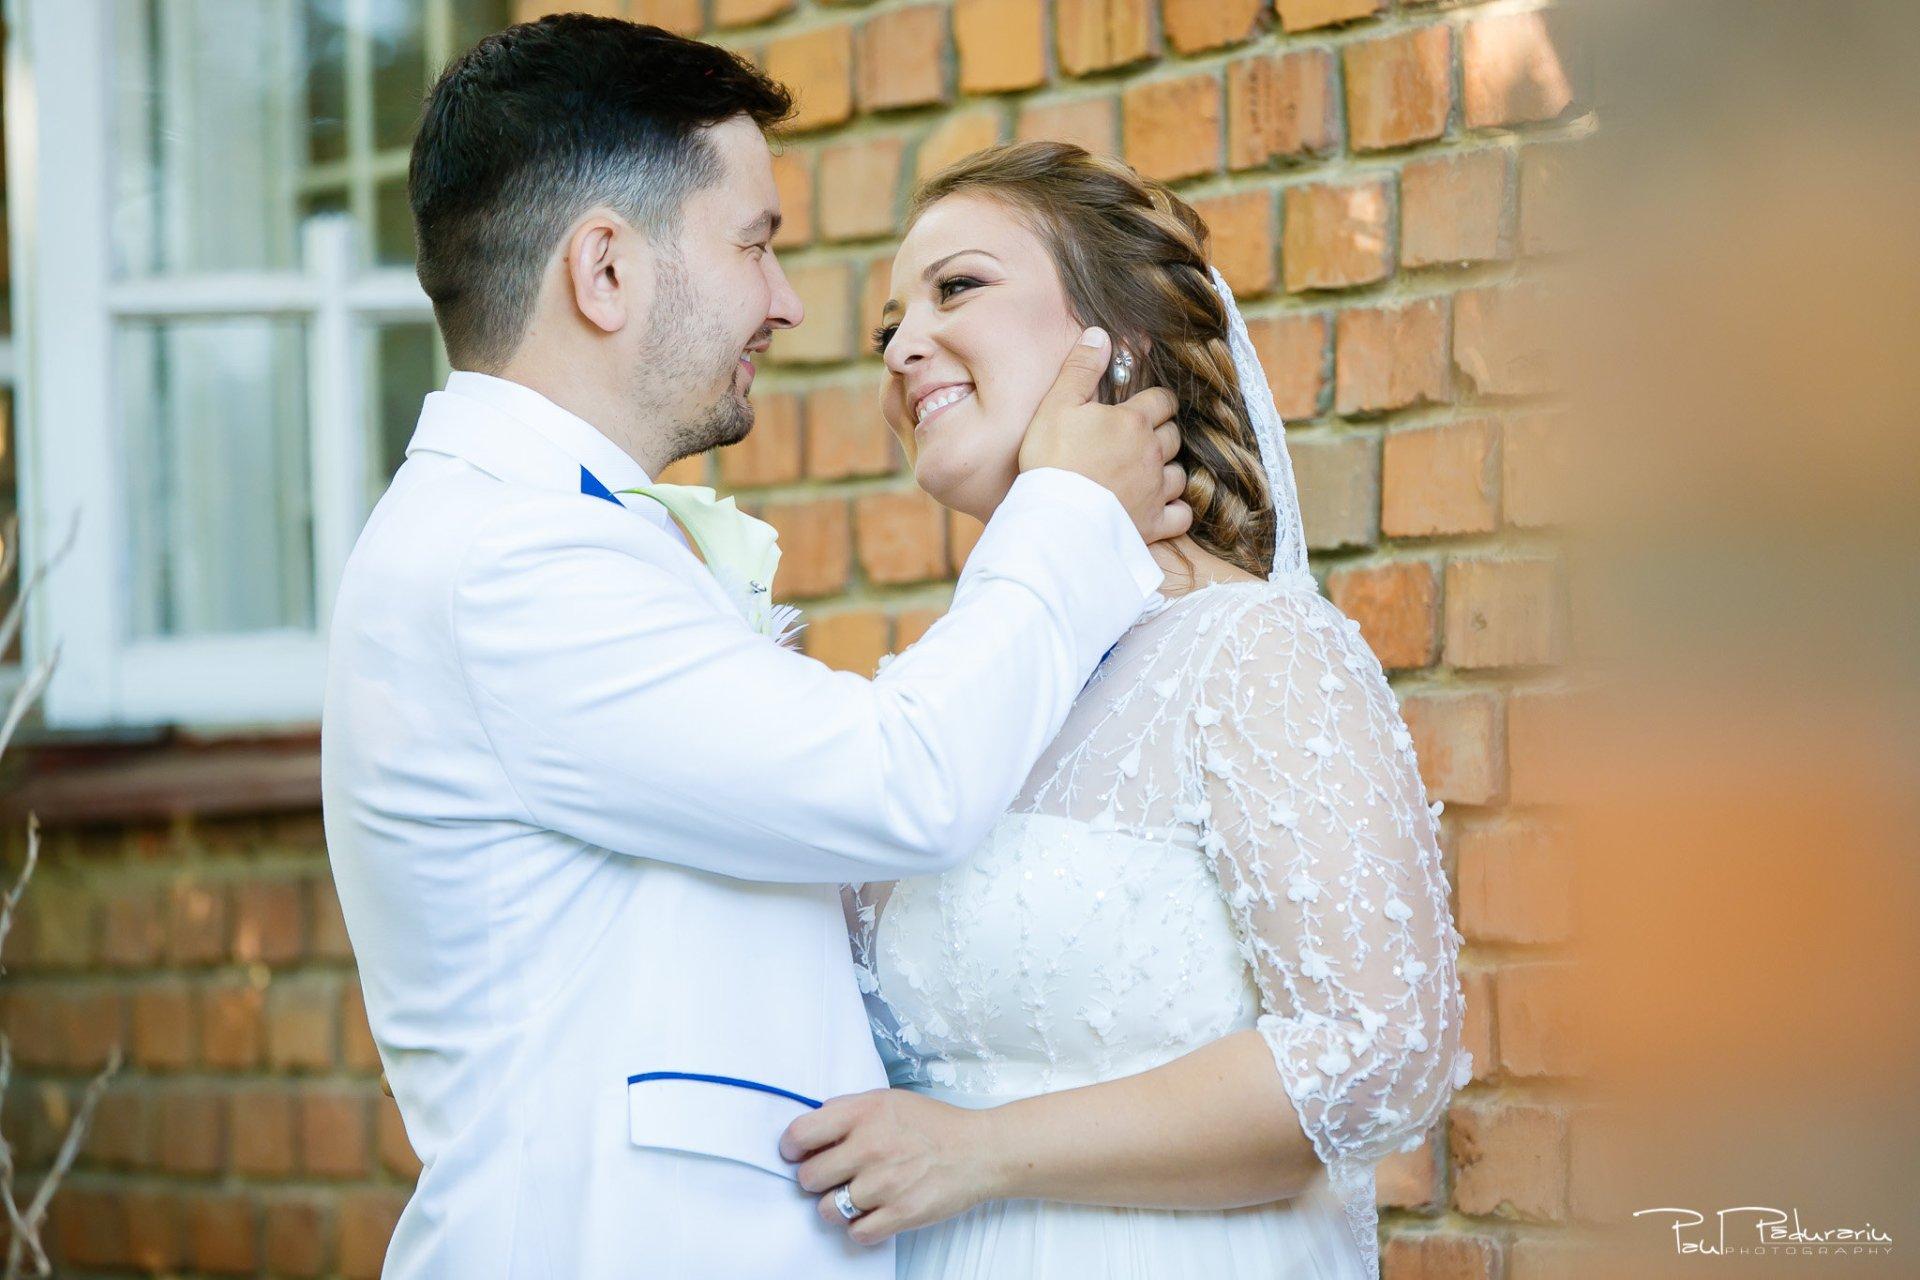 Sedinta foto nunta Ema si Tudor fotograf profesionist de nunta iasi www.paulpadurariu.ro © 2017 Paul Padurariu potret mire mireasa tandru